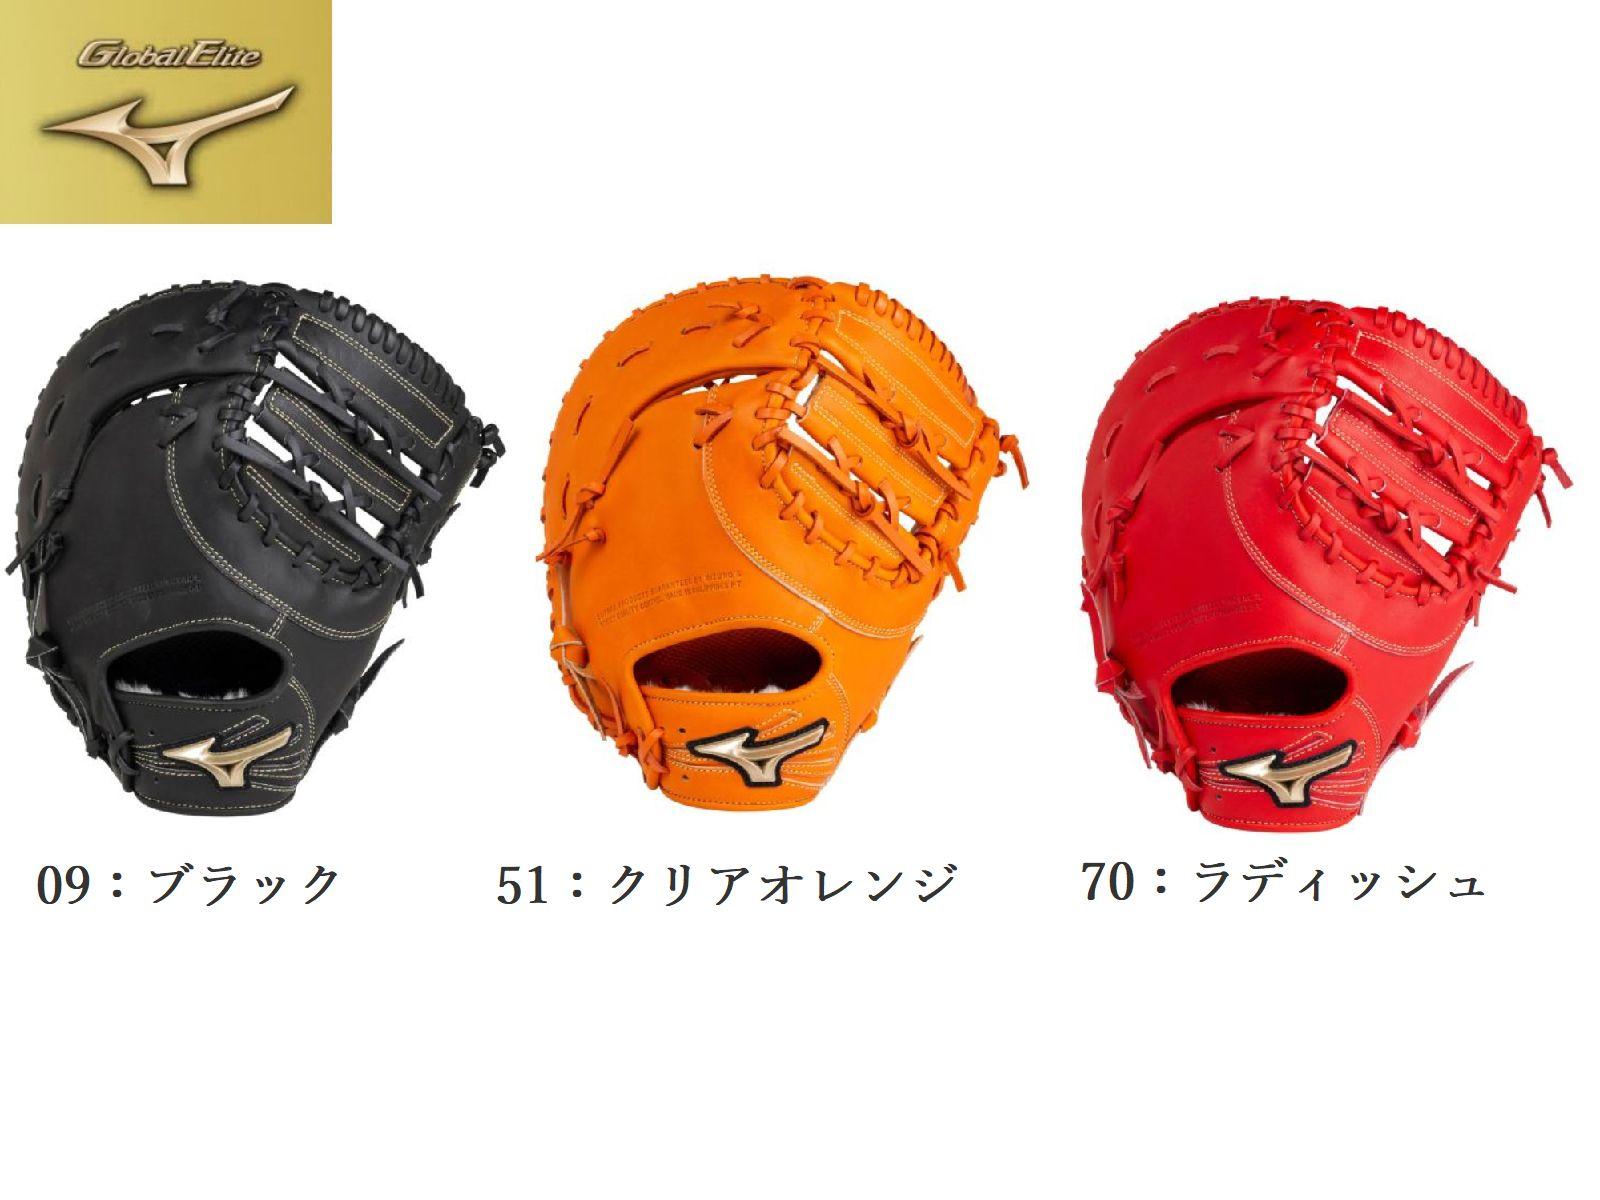 【Mizuno Global Elite=ミズノグローバルエリート】<RG H Selection02+>ジュニア軟式用 ジュニア用 ファーストミット 一塁手用ミット【TK型】【カラー:ブラック/クリアオレンジ/ラディッシュ】(右投用/左投用)